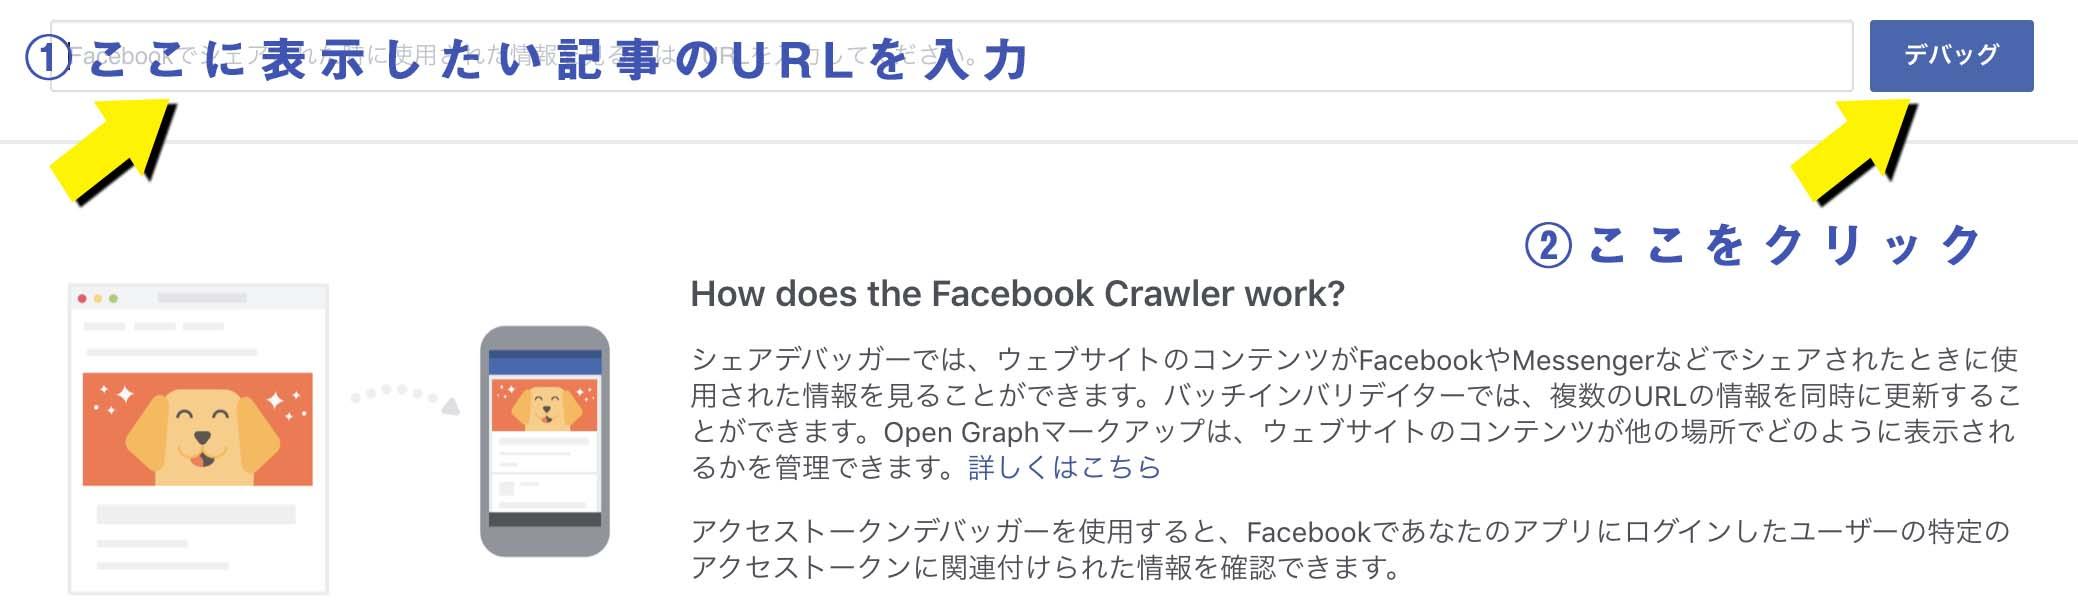 facebook アイキャッチ